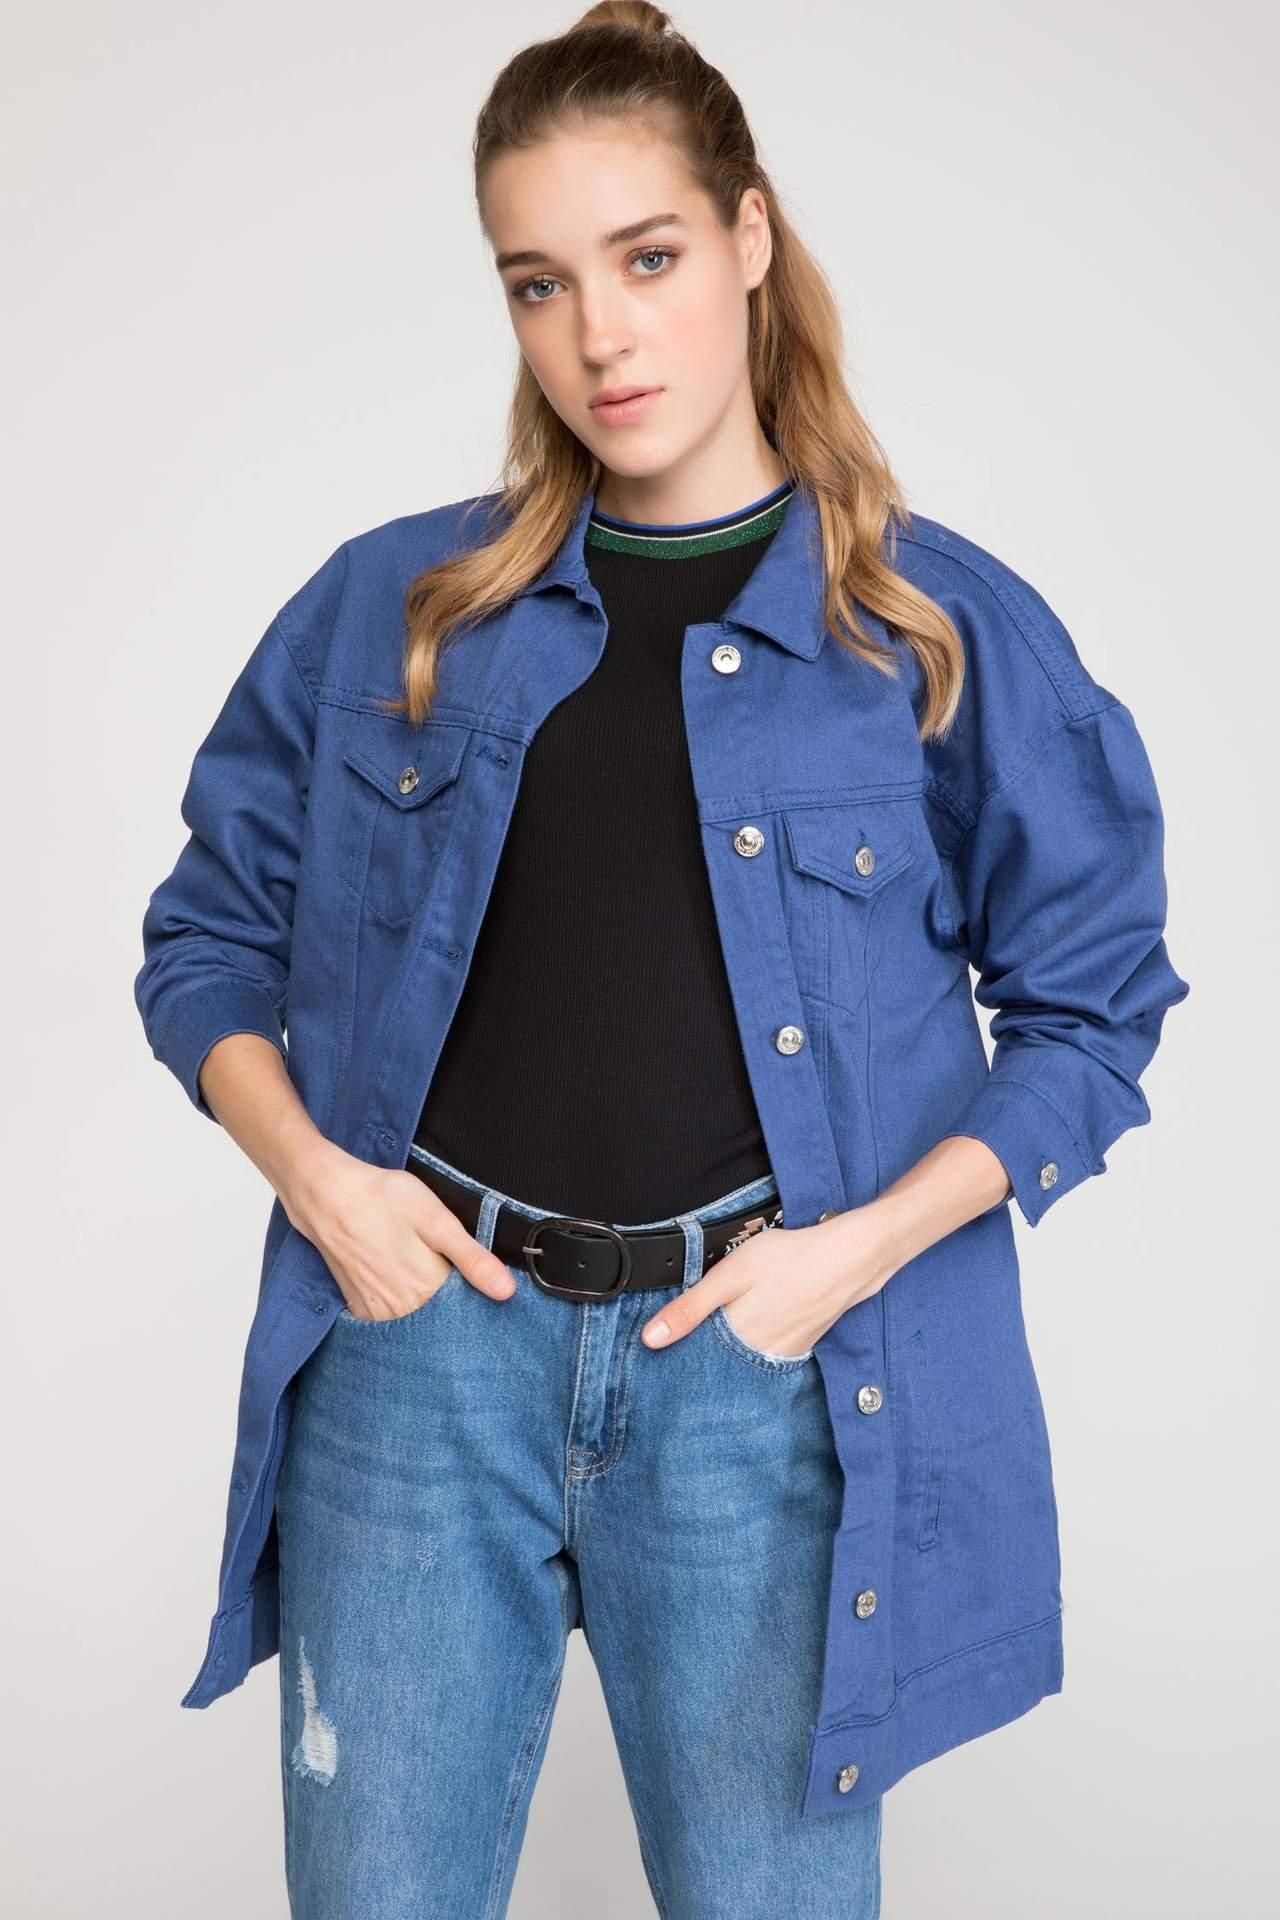 DeFacto Kadın Düğmeli Jean Ceket Mavi female